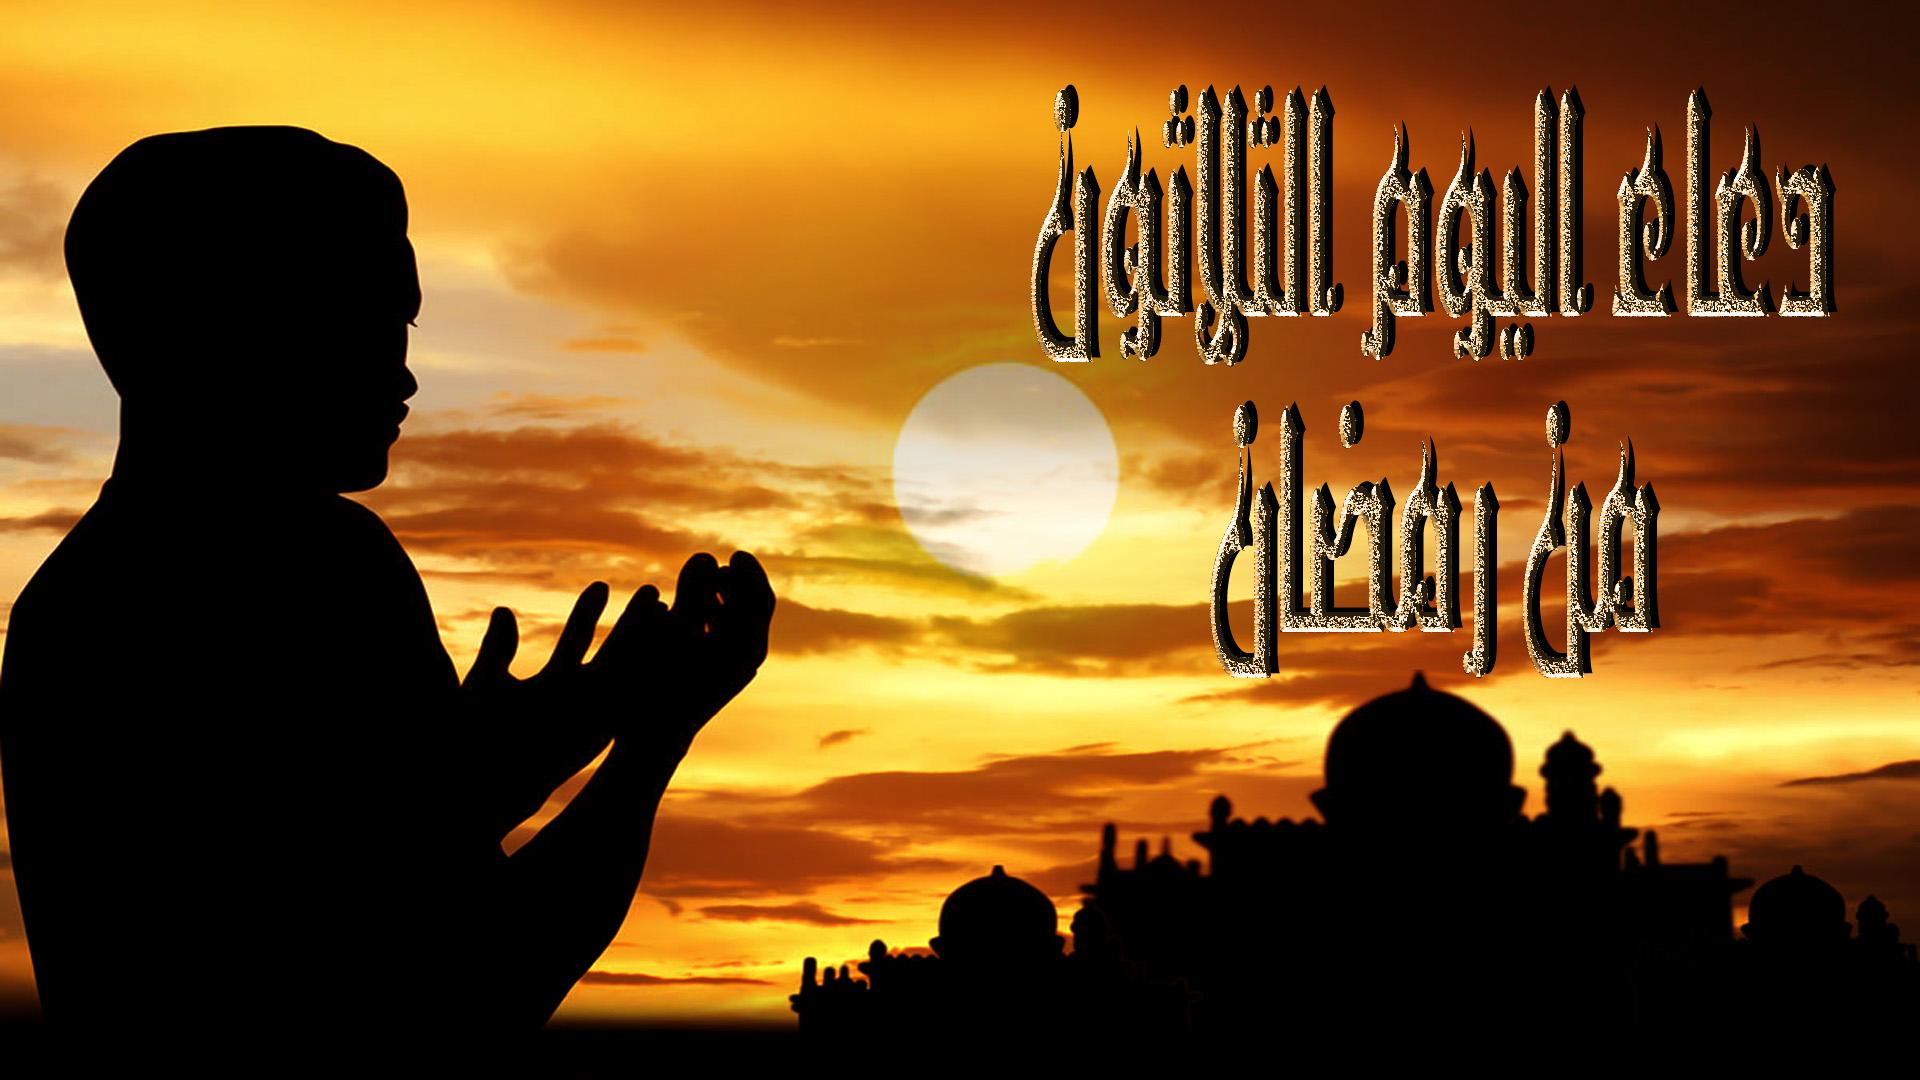 أدعية أيام شهر رمضان ( دعاء اليوم الثلاثون والعشرون )